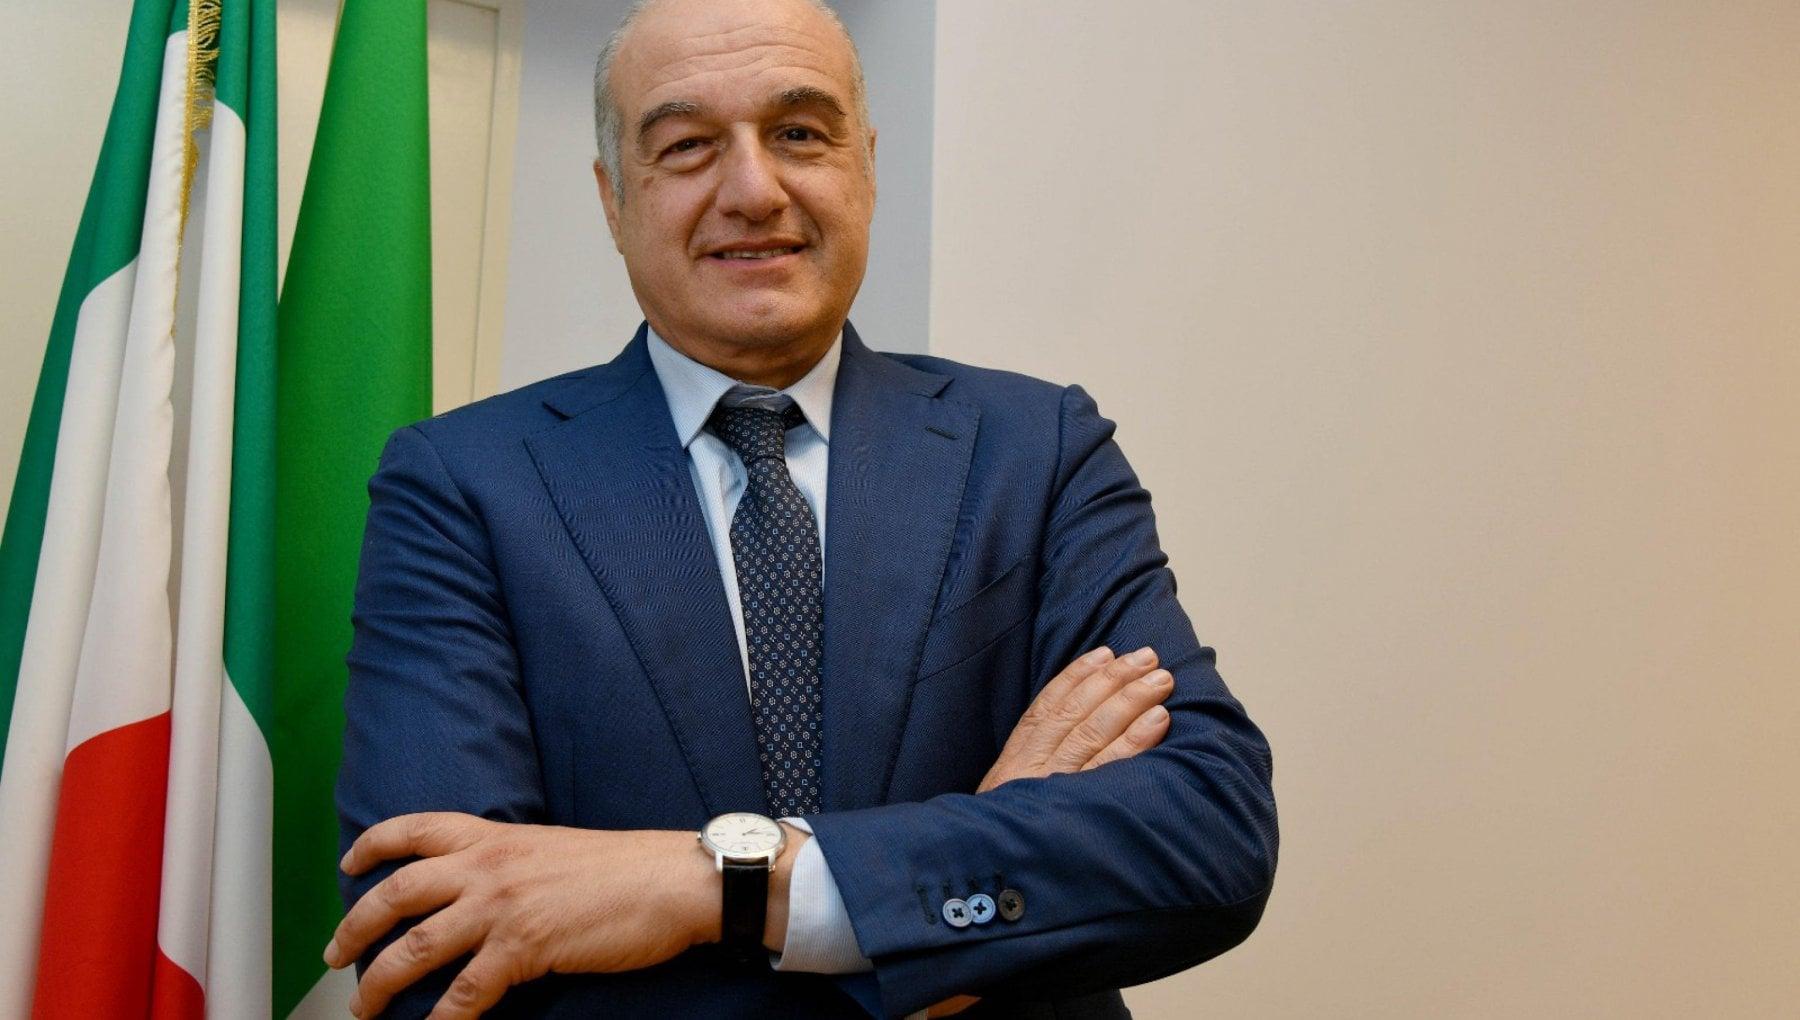 Centrodestra, Enrico Michetti candidato sindaco a Roma: il tribuno di Radio  Radio tra retorica e gaffe da ventennio - la Repubblica